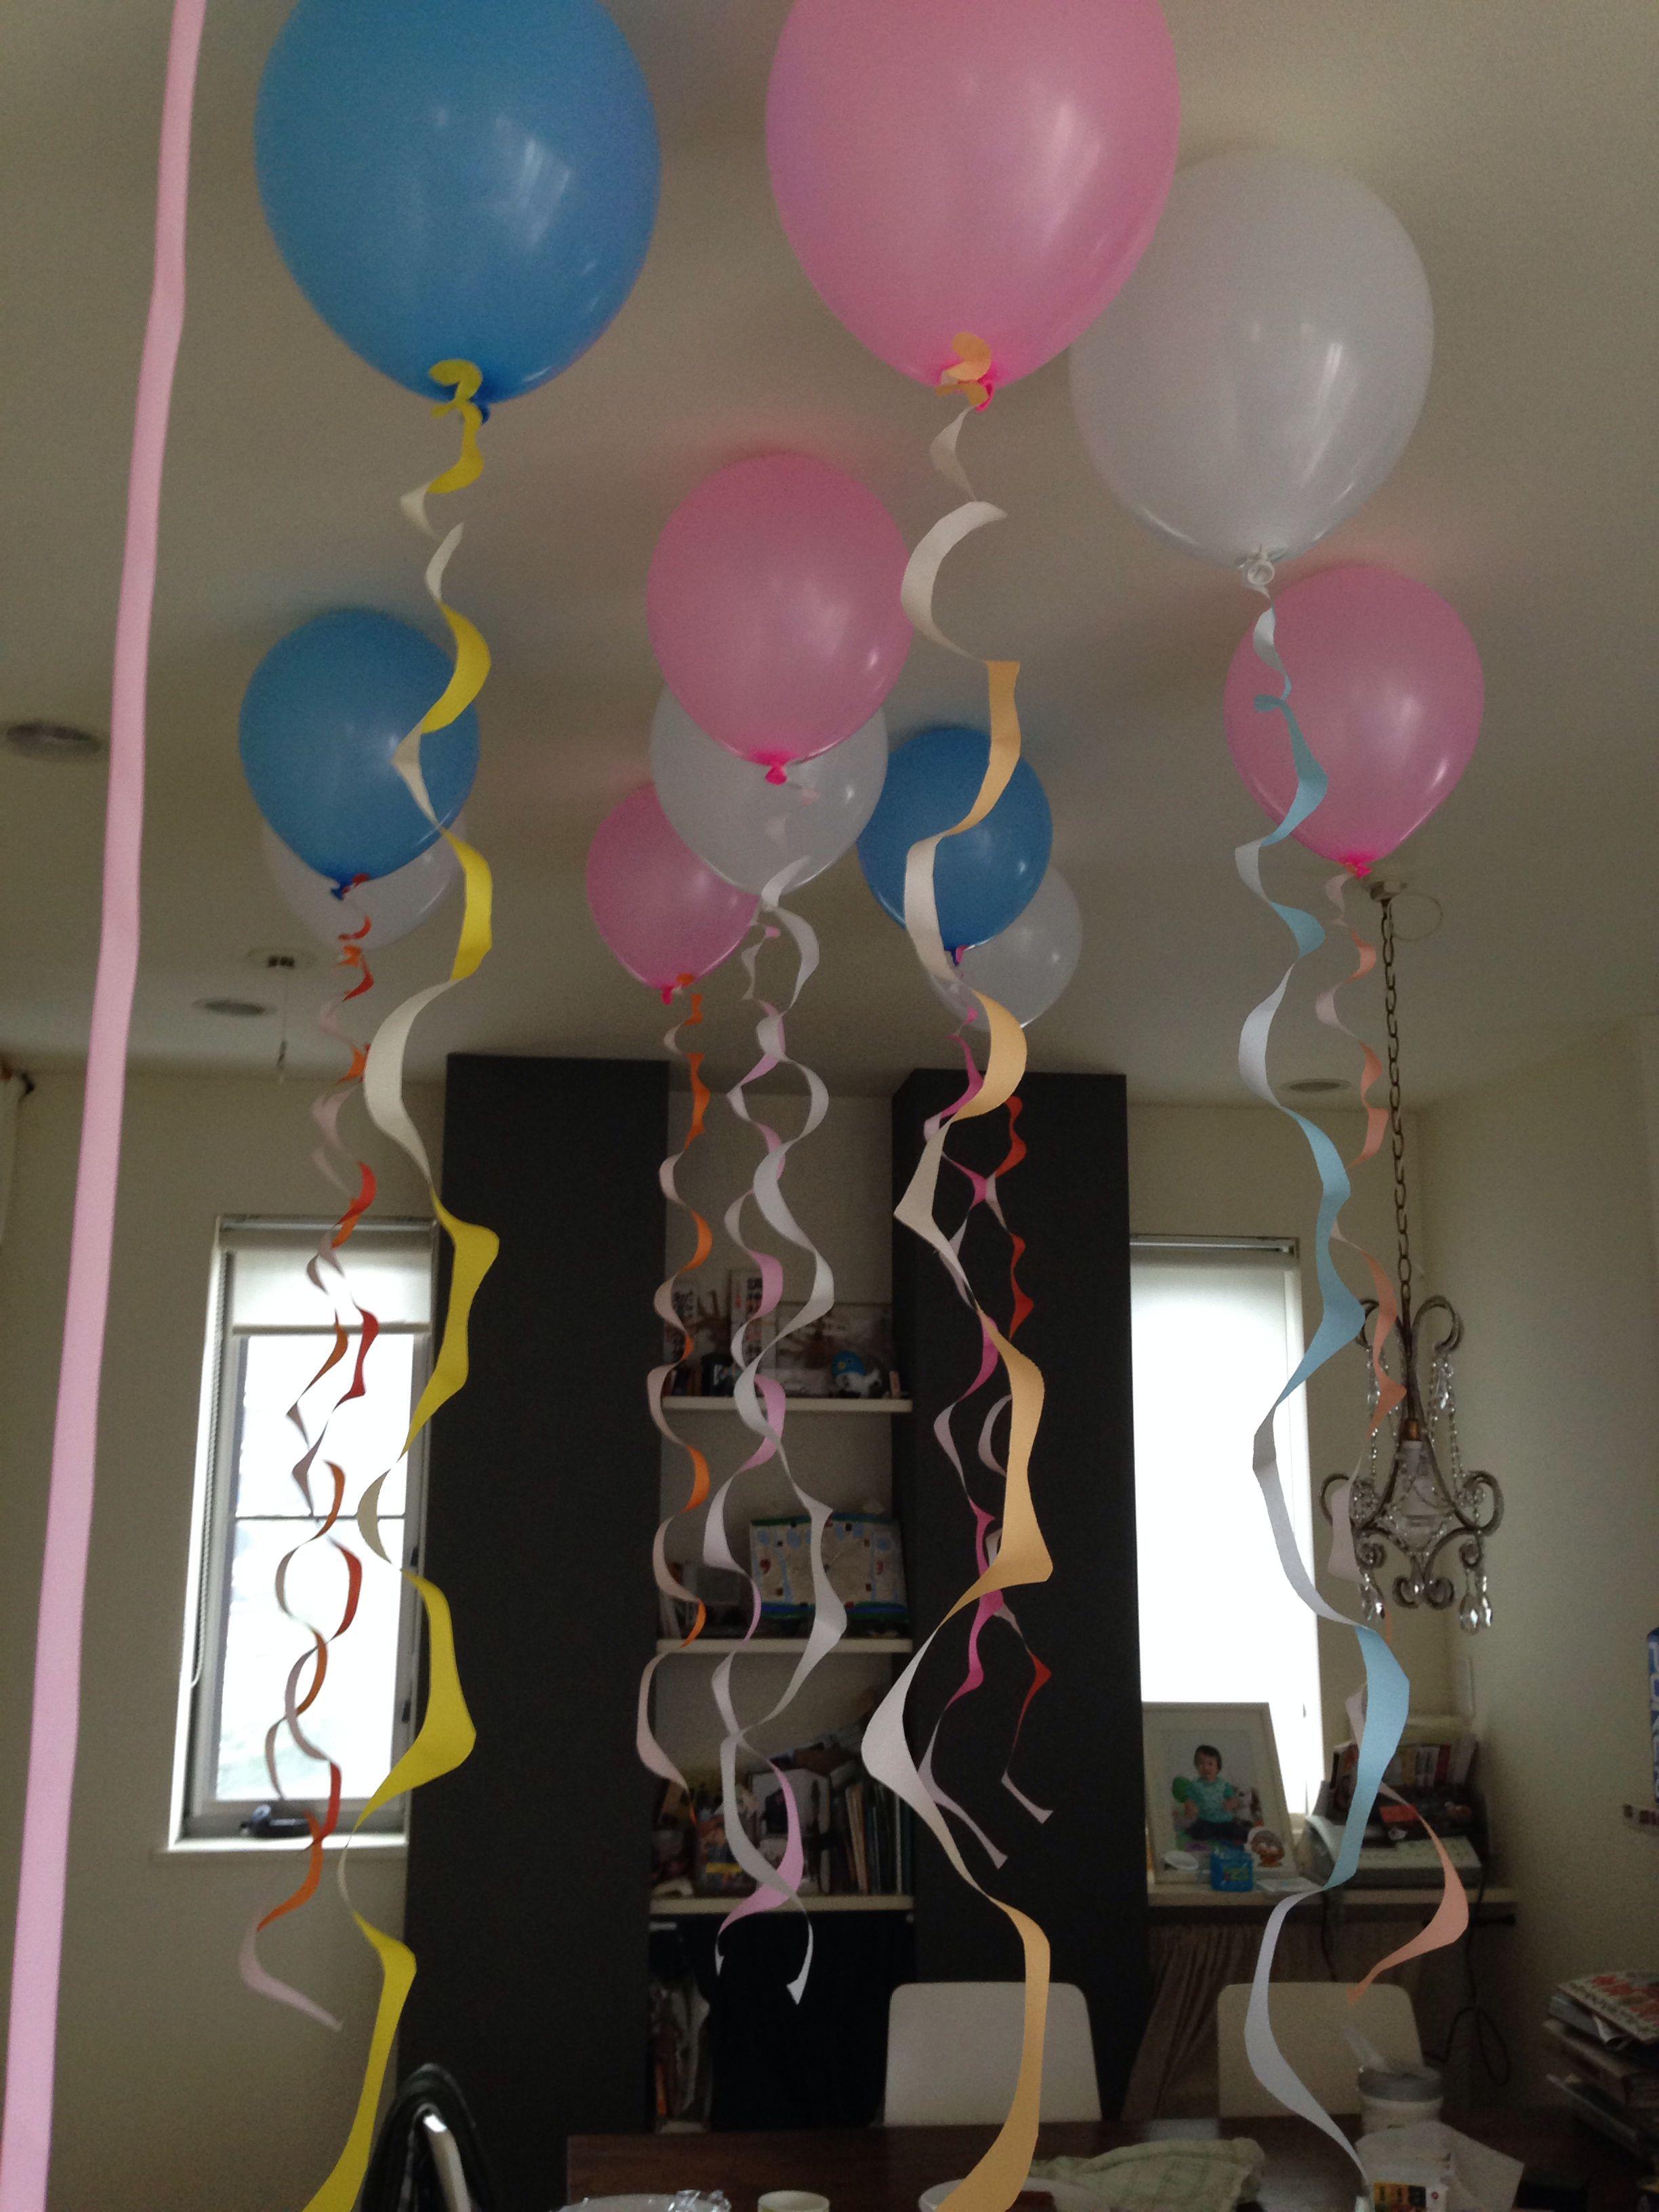 誕生日のデコレーション 天井に風船を貼り付ける 折り紙をベビ型に